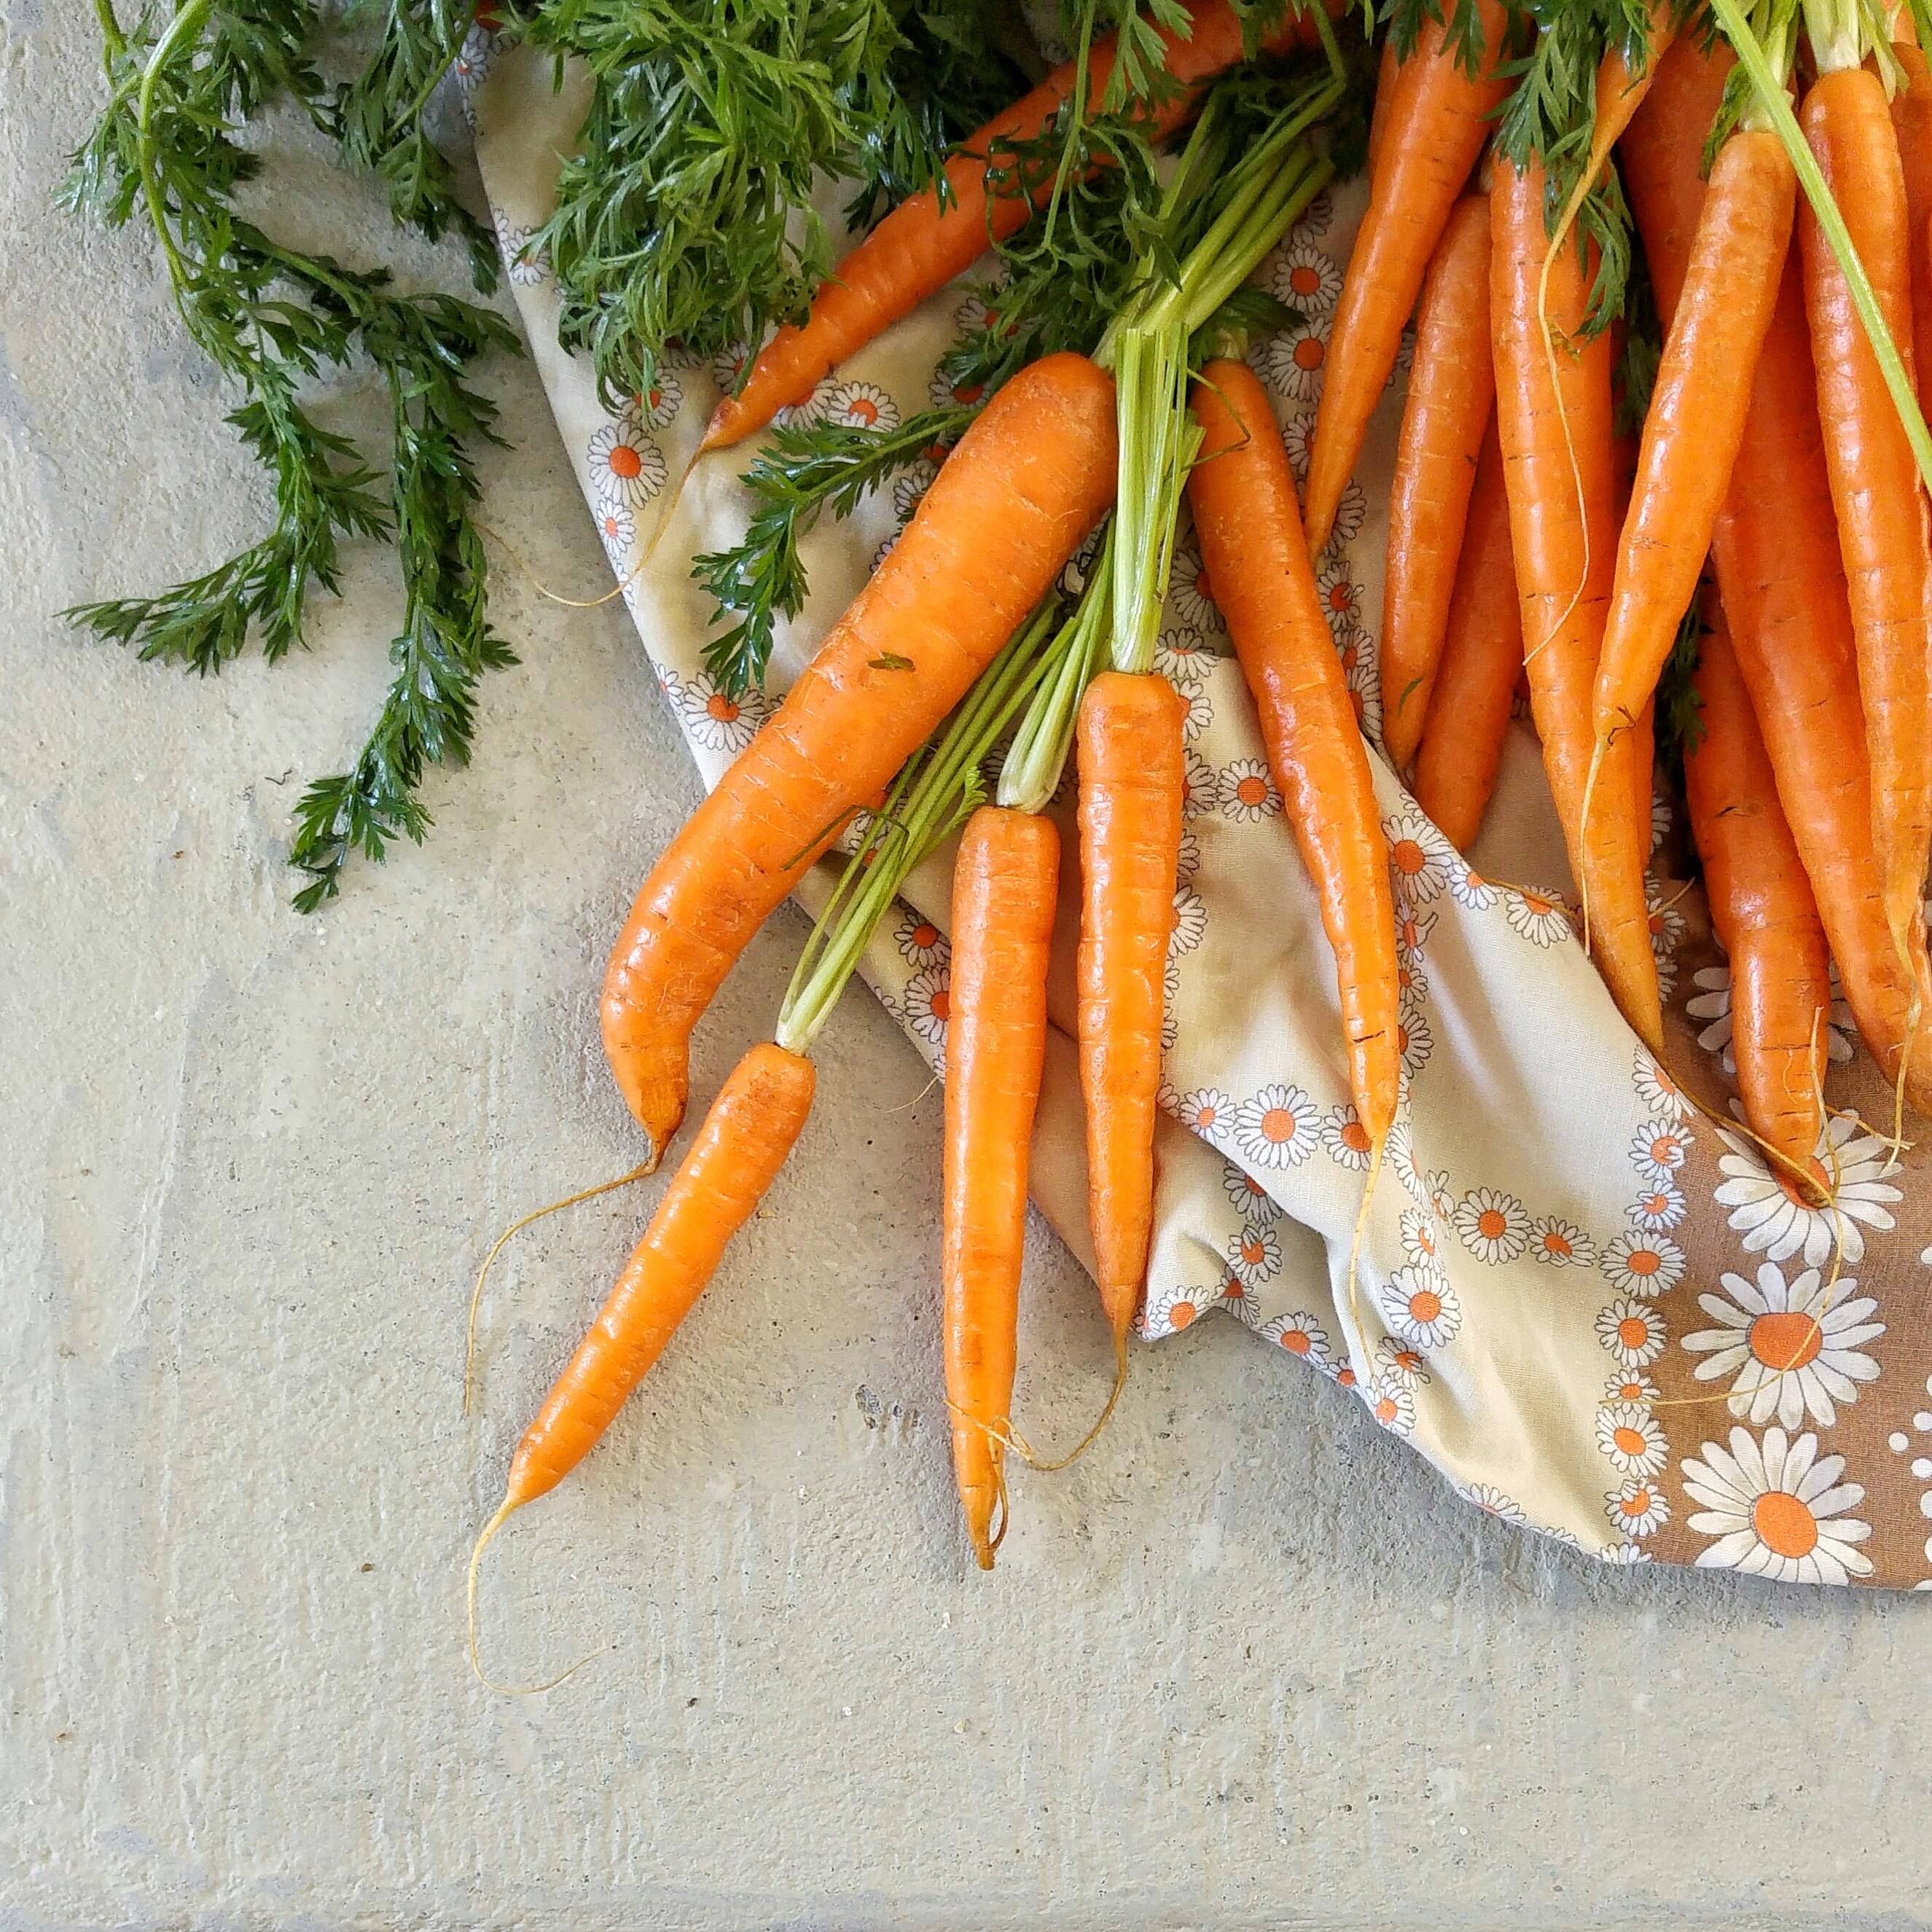 Kliekjessoep uit eigen groentela helpt 1) tegen food waste én 2) bij het eten van 250 gram groenten per dag. Slimme tips voor wie gezonder wil eten.